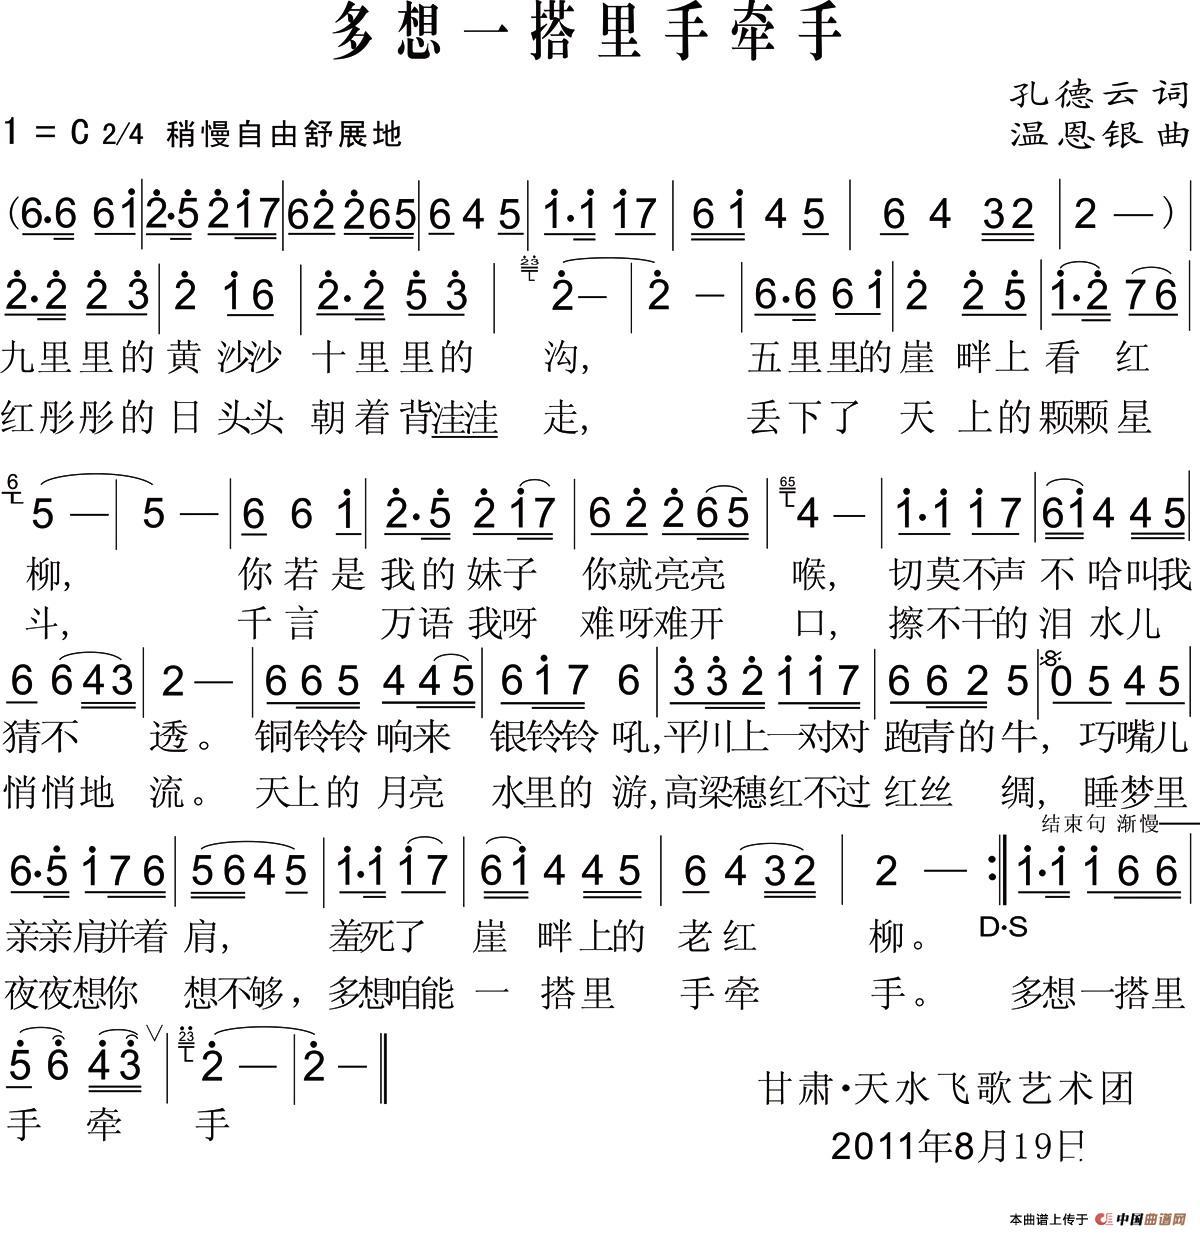 多想一搭里手牵手 (孔德云词 温恩银曲)_民歌曲谱图片